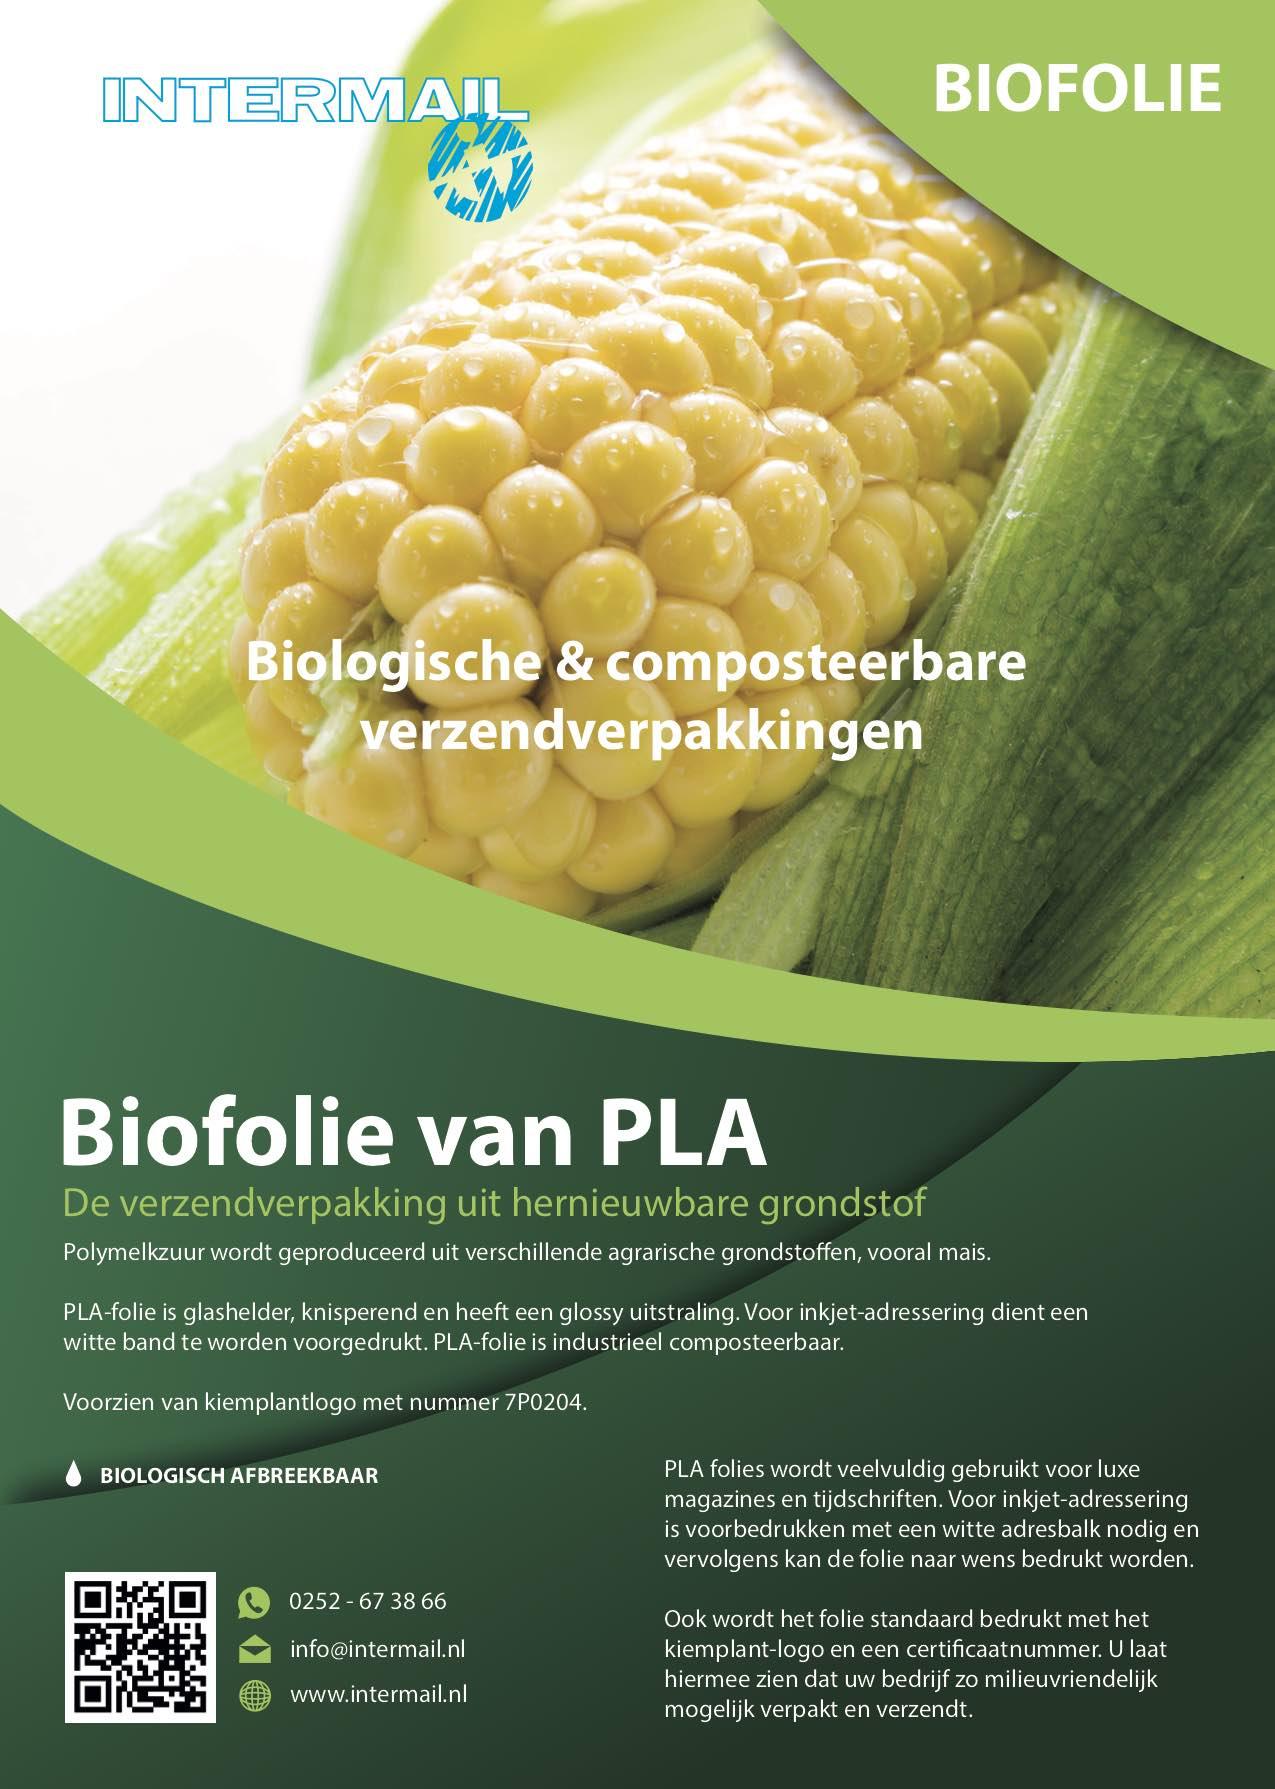 Biofolie van PLA | Intermail BV